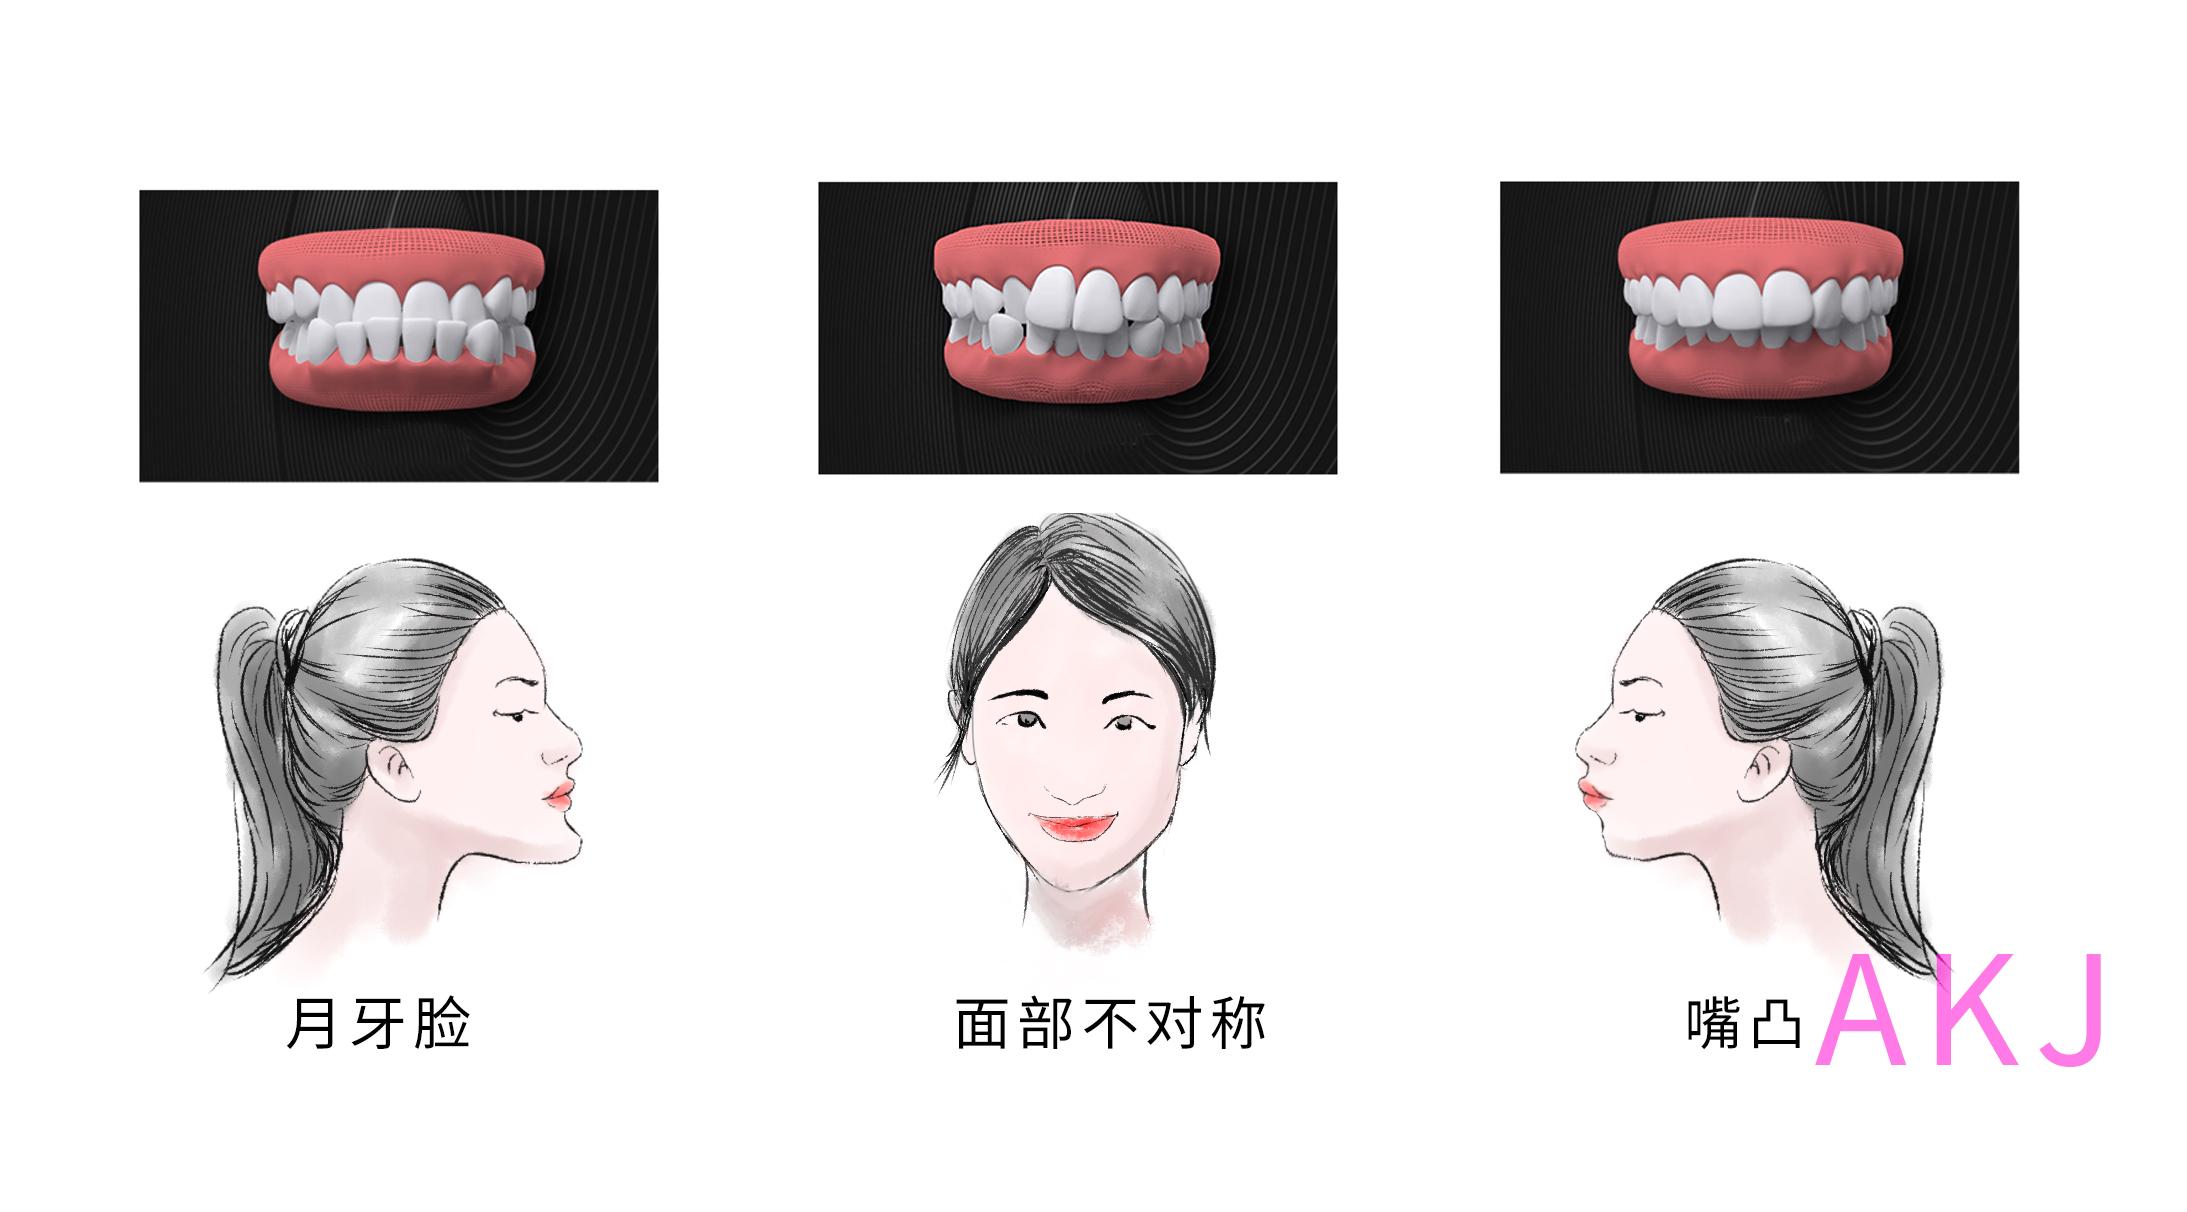 牙齿畸形影响面型